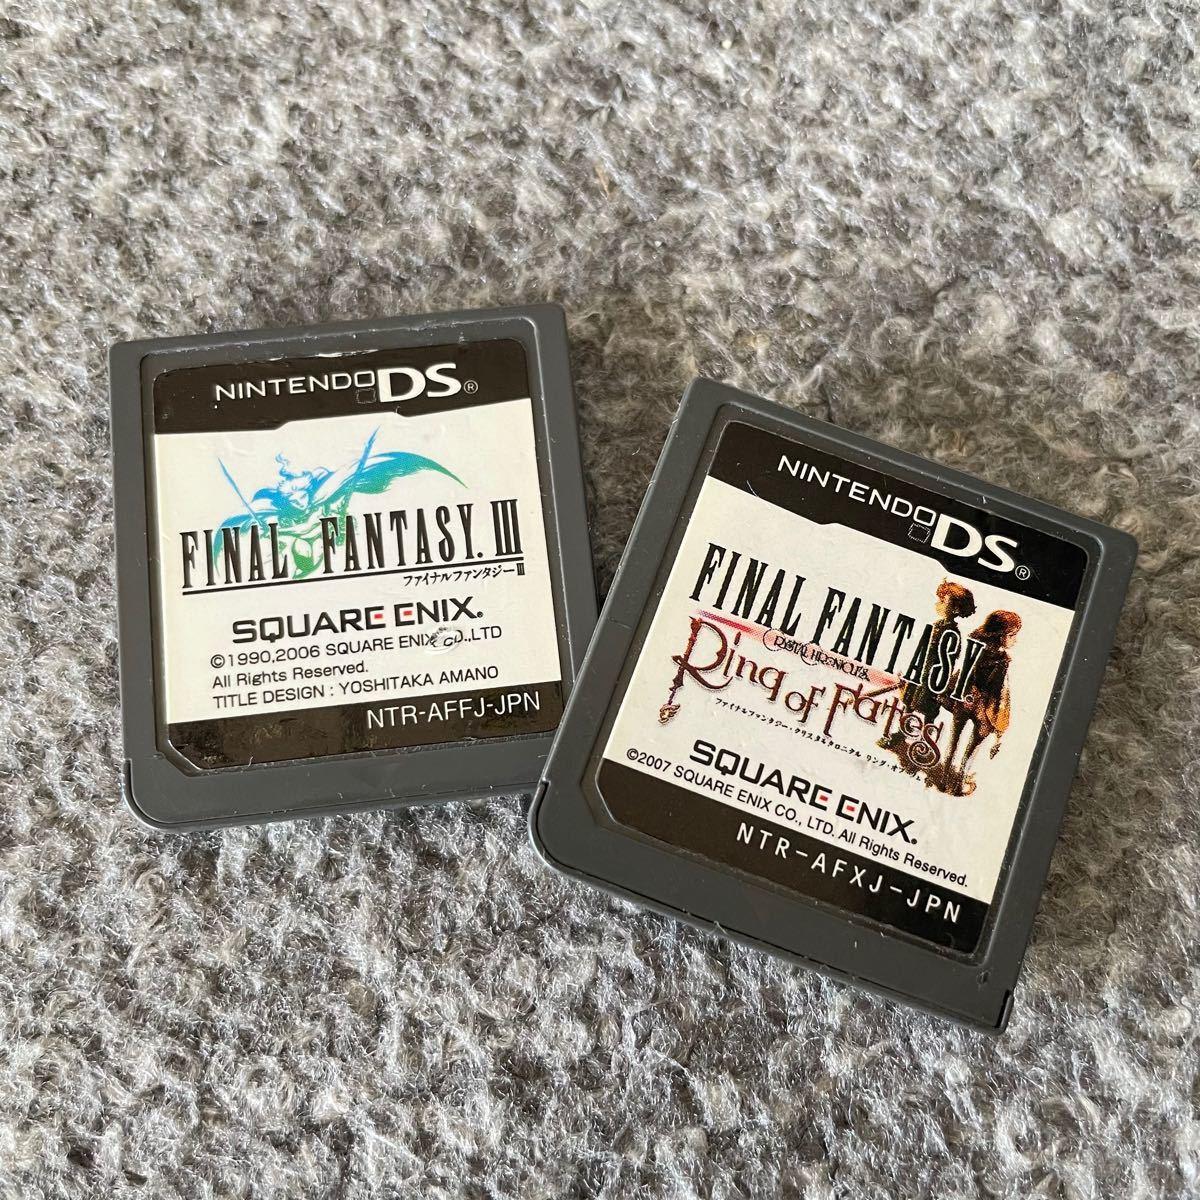 ファイナルファンタジー3、クリスタルクロニクル リングオブフェイト 中古DSソフト2本セット☆FF3